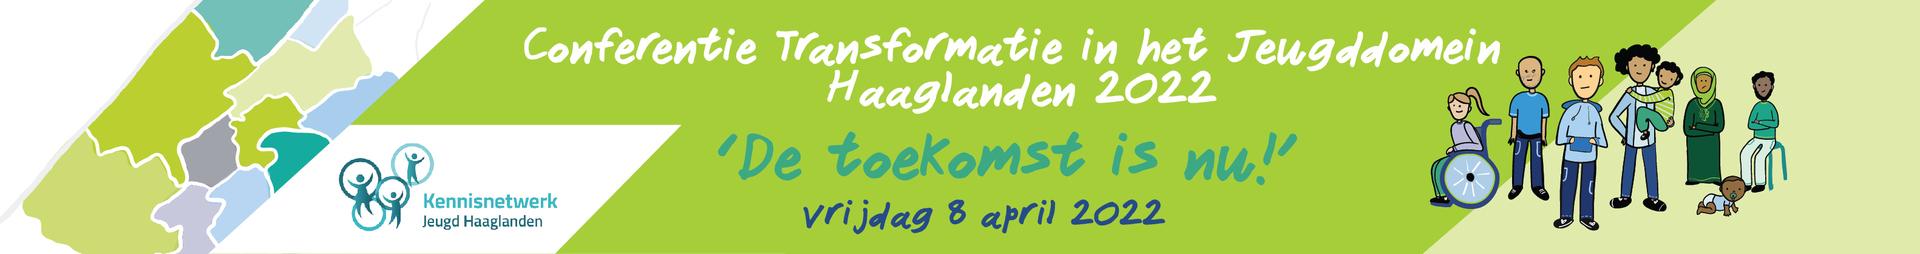 Regionale conferentie Transformatie in het jeugddomein 'De toekomst begint nu!'